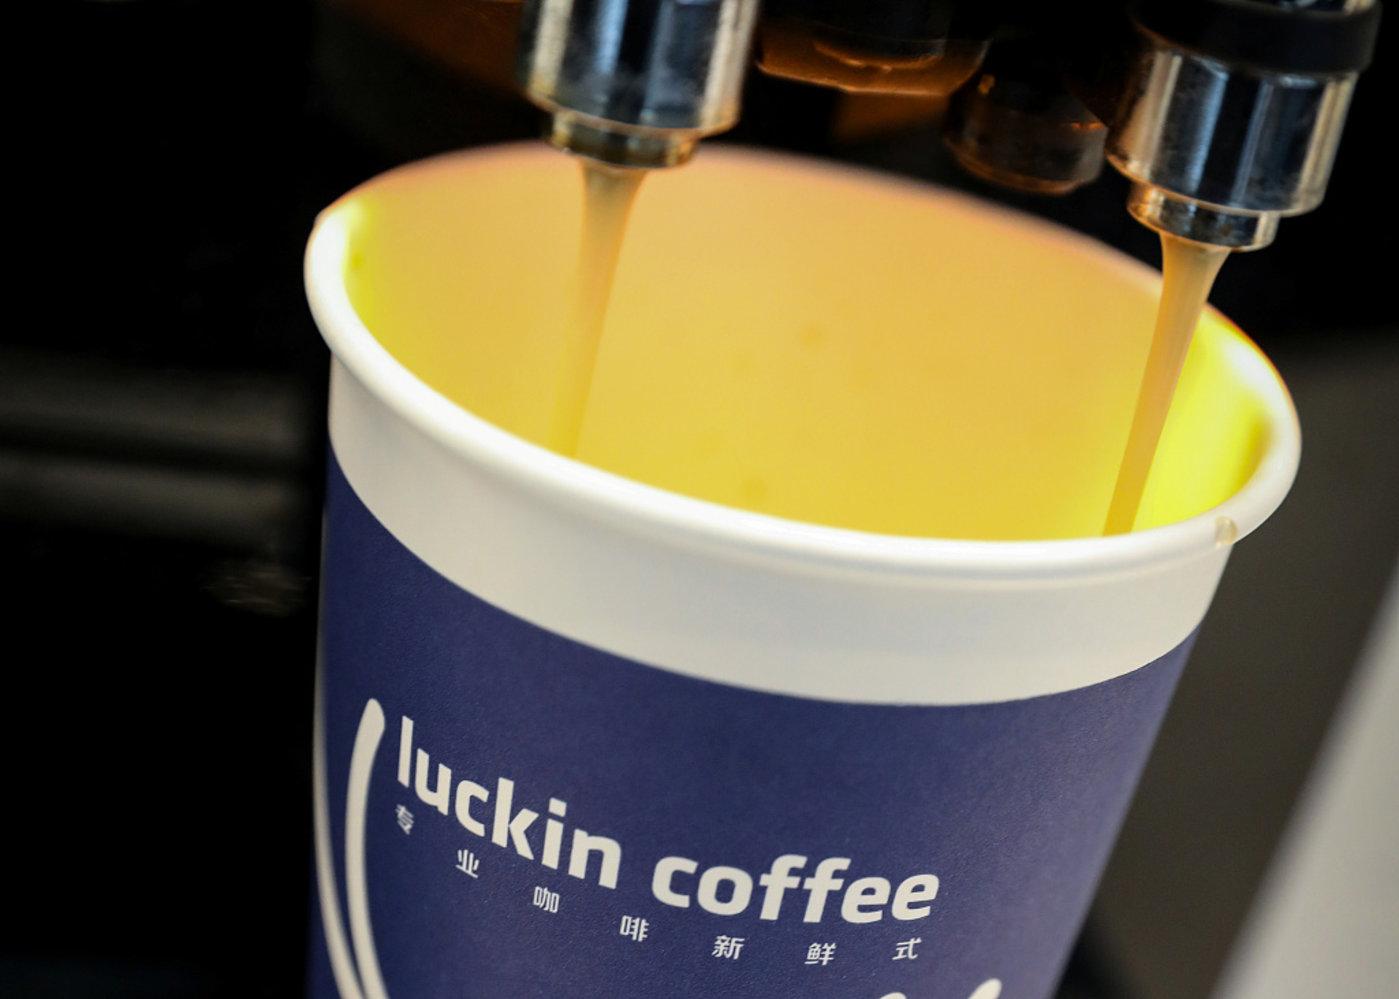 瑞幸咖啡重新开放加盟:首批开放157城市,前期需投入至少35万|钛快讯